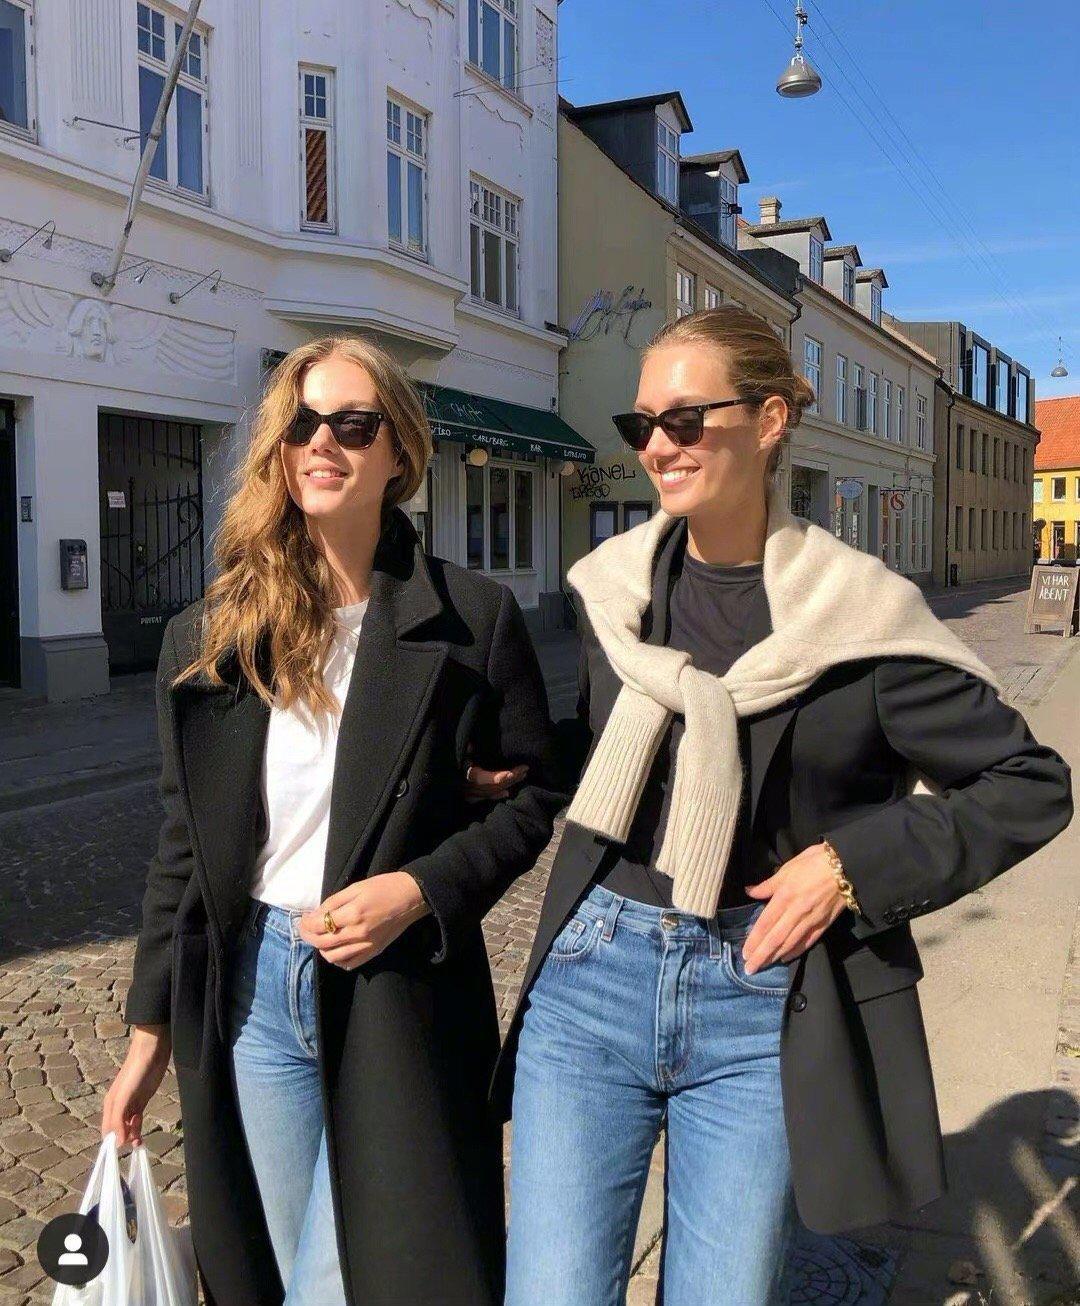 丹麦双胞胎时装模特 Amalie & Cecilie舒适惬意的穿搭日常…………